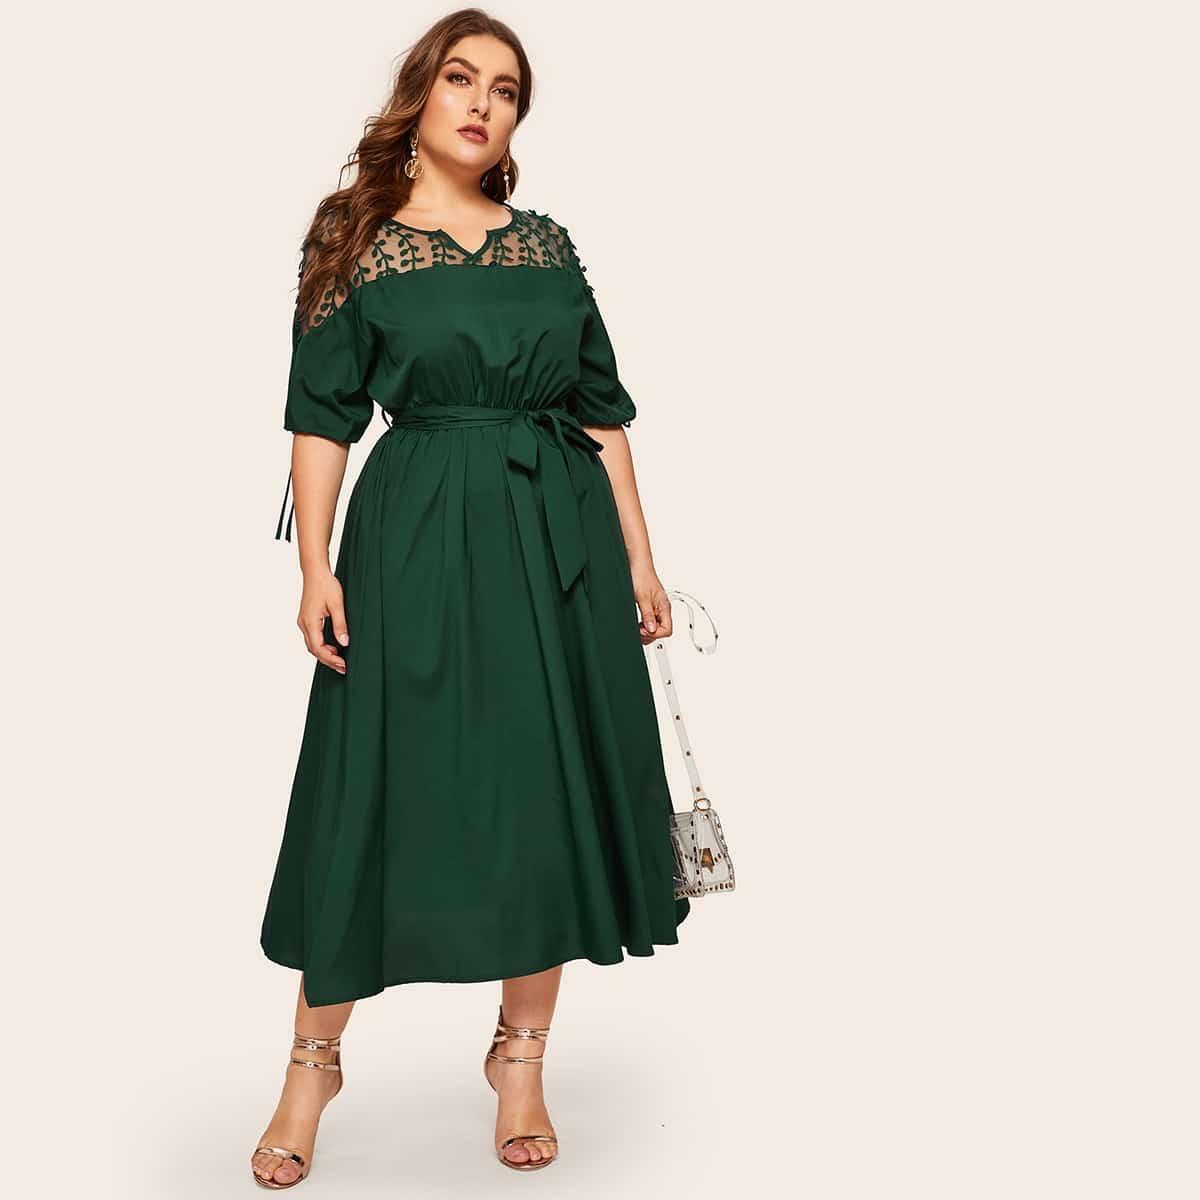 Groen Elegant Vlak Grote maten jurken Contrast mesh